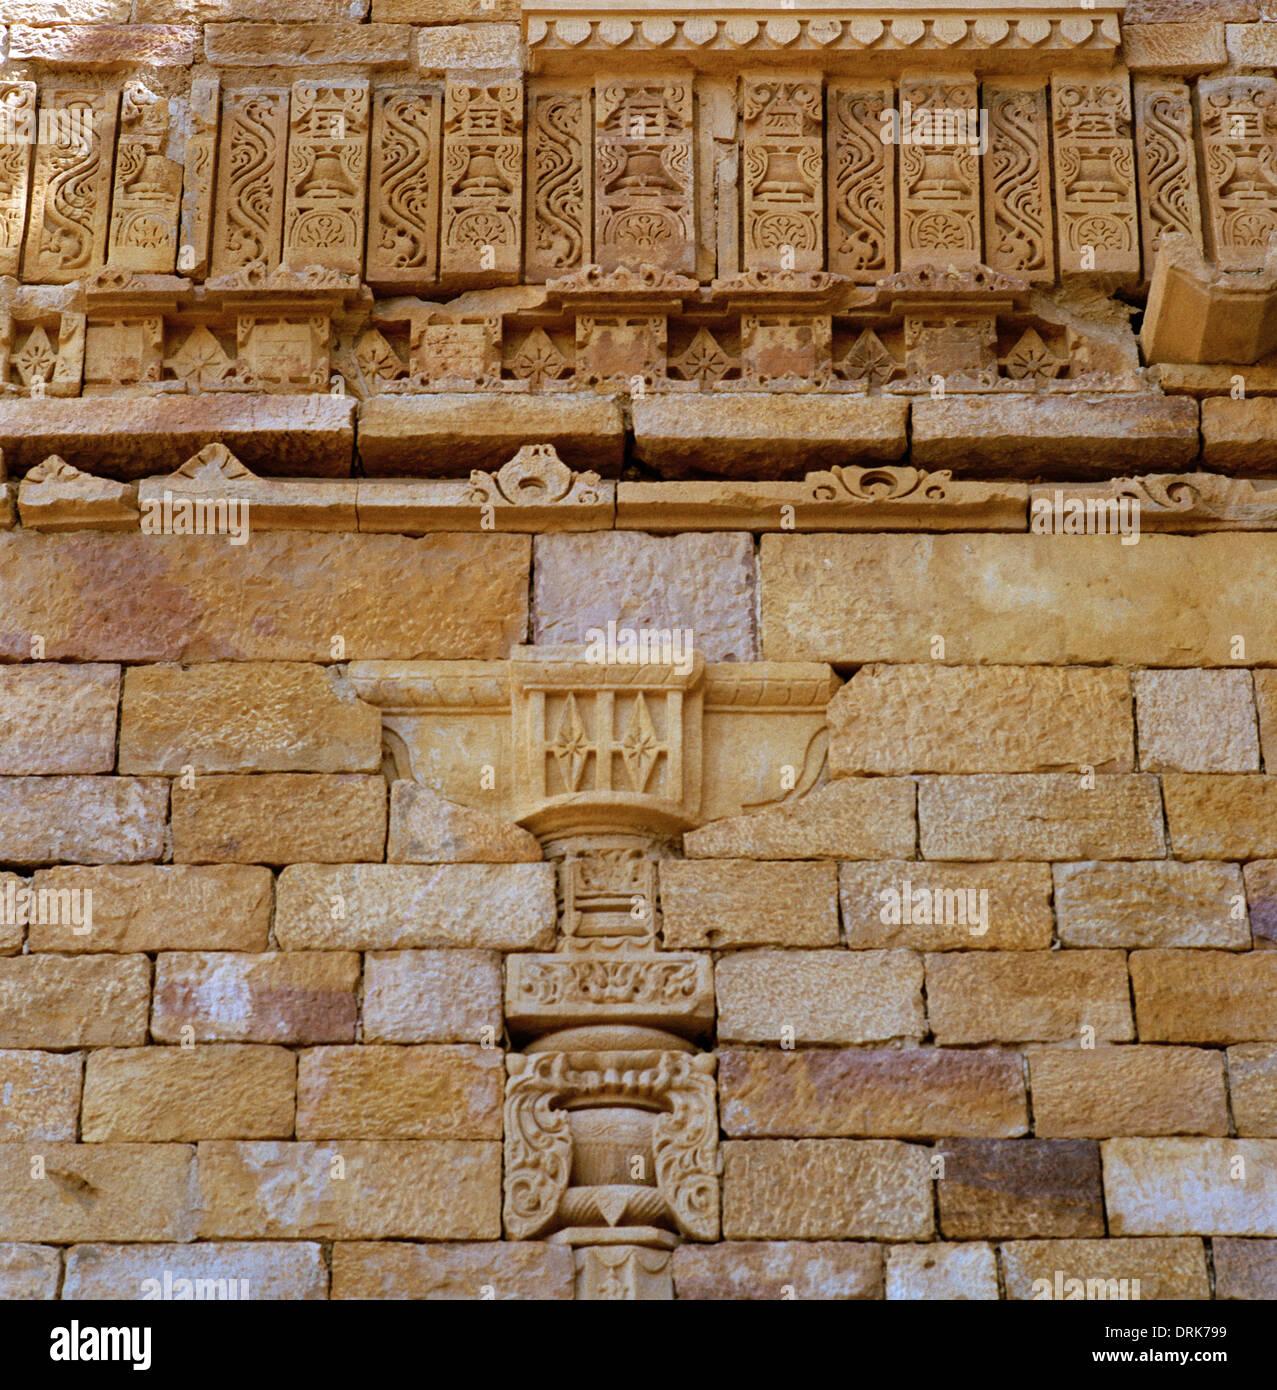 Architettura di Rajput in Jaisalmer in Rajasthan in India in Asia del Sud. Edificio megalitiche storia antica pietra storico Travel Wanderlust Immagini Stock